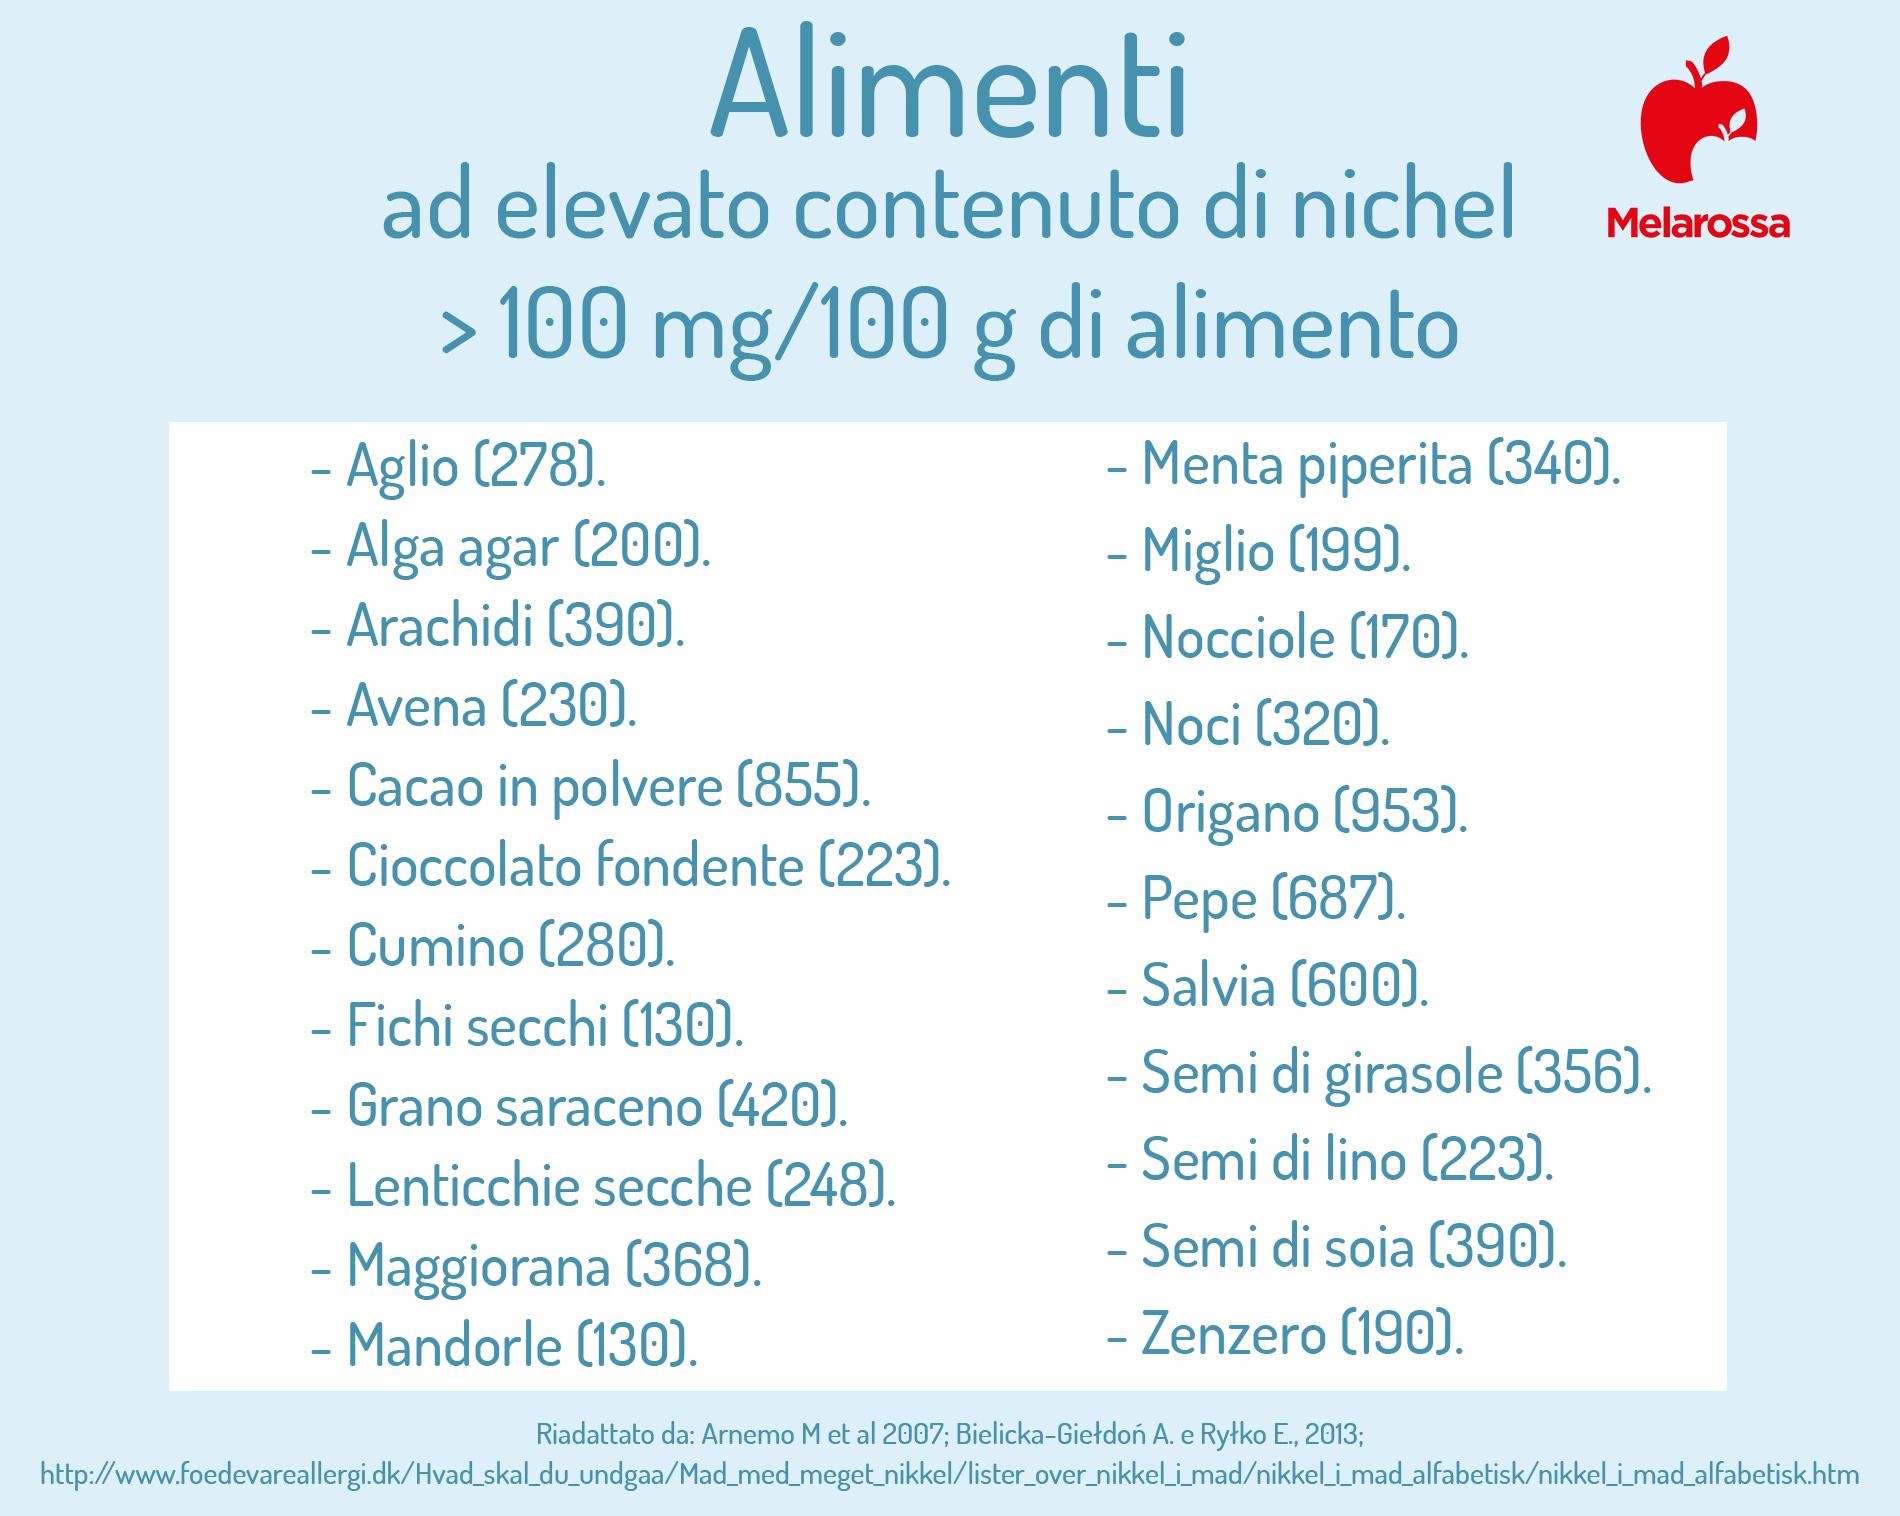 allergia al nichel: alimenti ad elevato contenuto di nichel